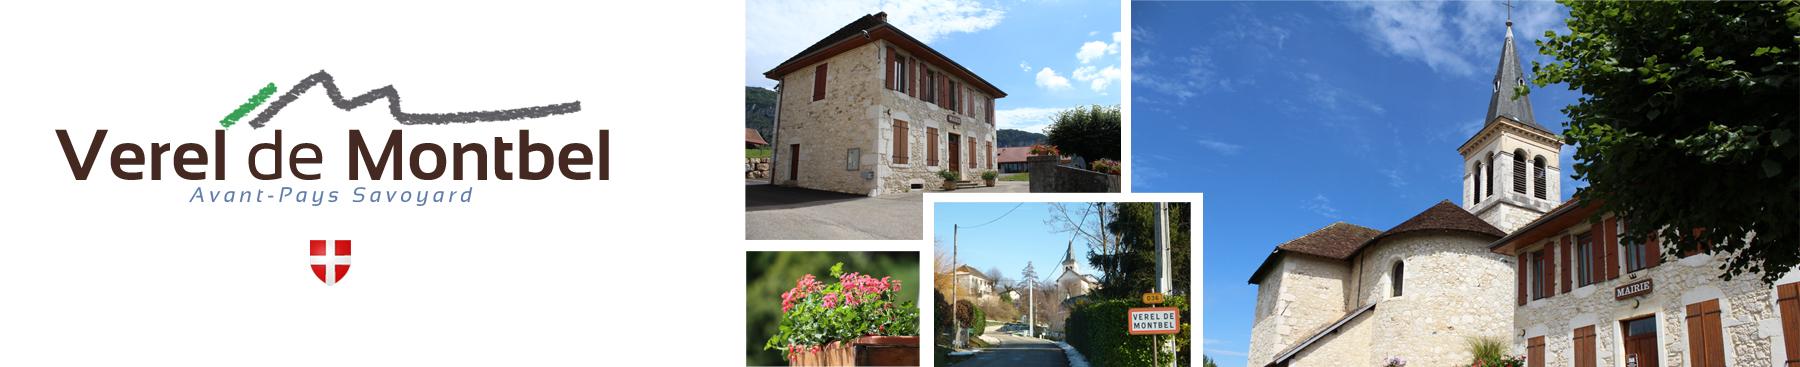 En-tête : Verel-de-Montbel, le village, l'église, la mairie